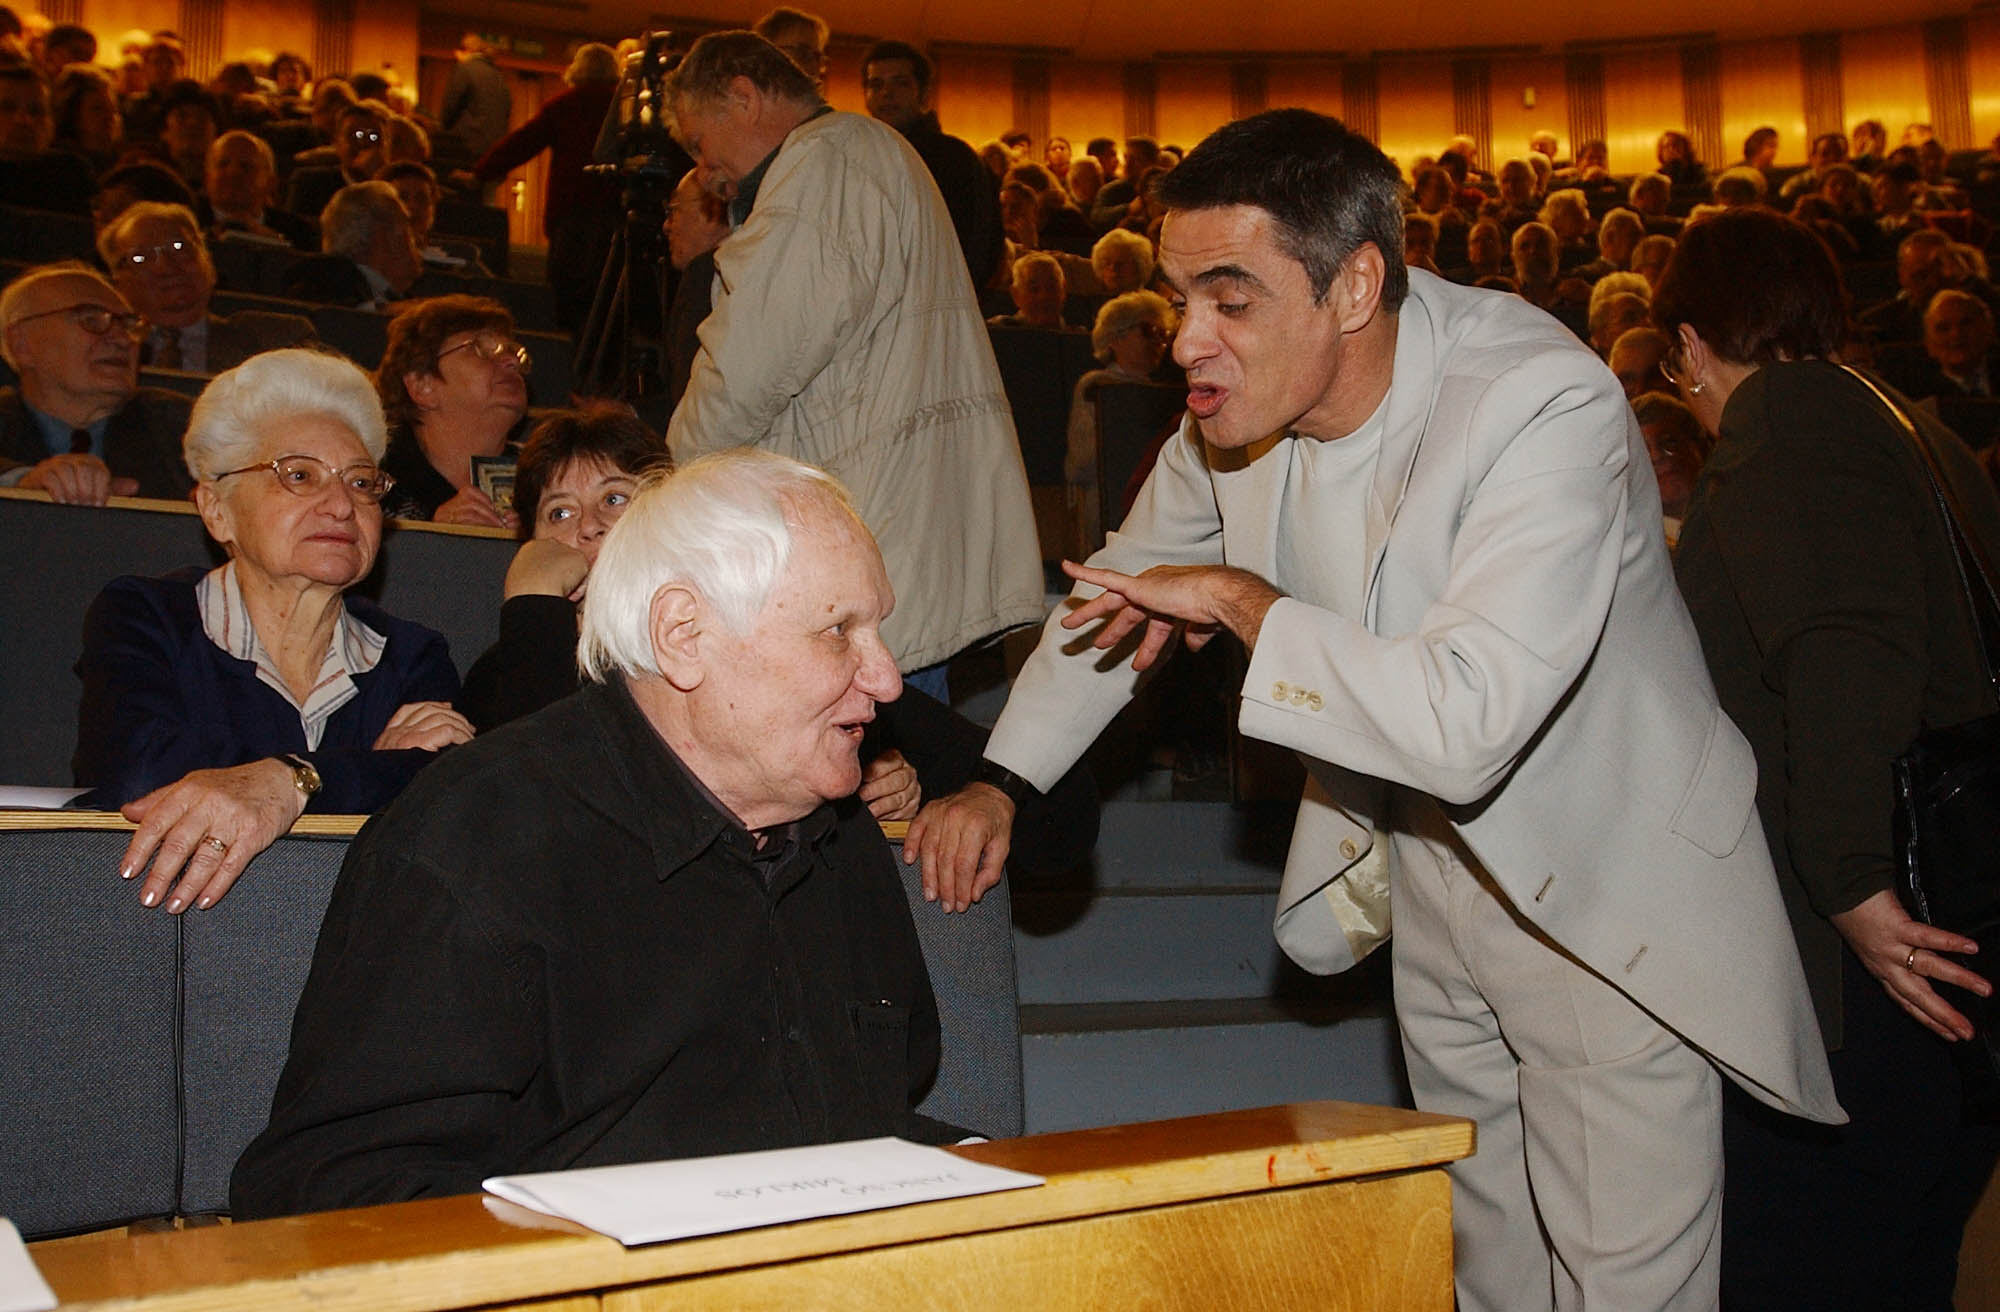 Az Otthont Magyarországból Összefogás ideiglenes szervezõ bizottsága országértékelõ tanácskozást tartott 2002-ben, a képen Jancsó Miklós rendező és Kende Péter / Fotó: MTI